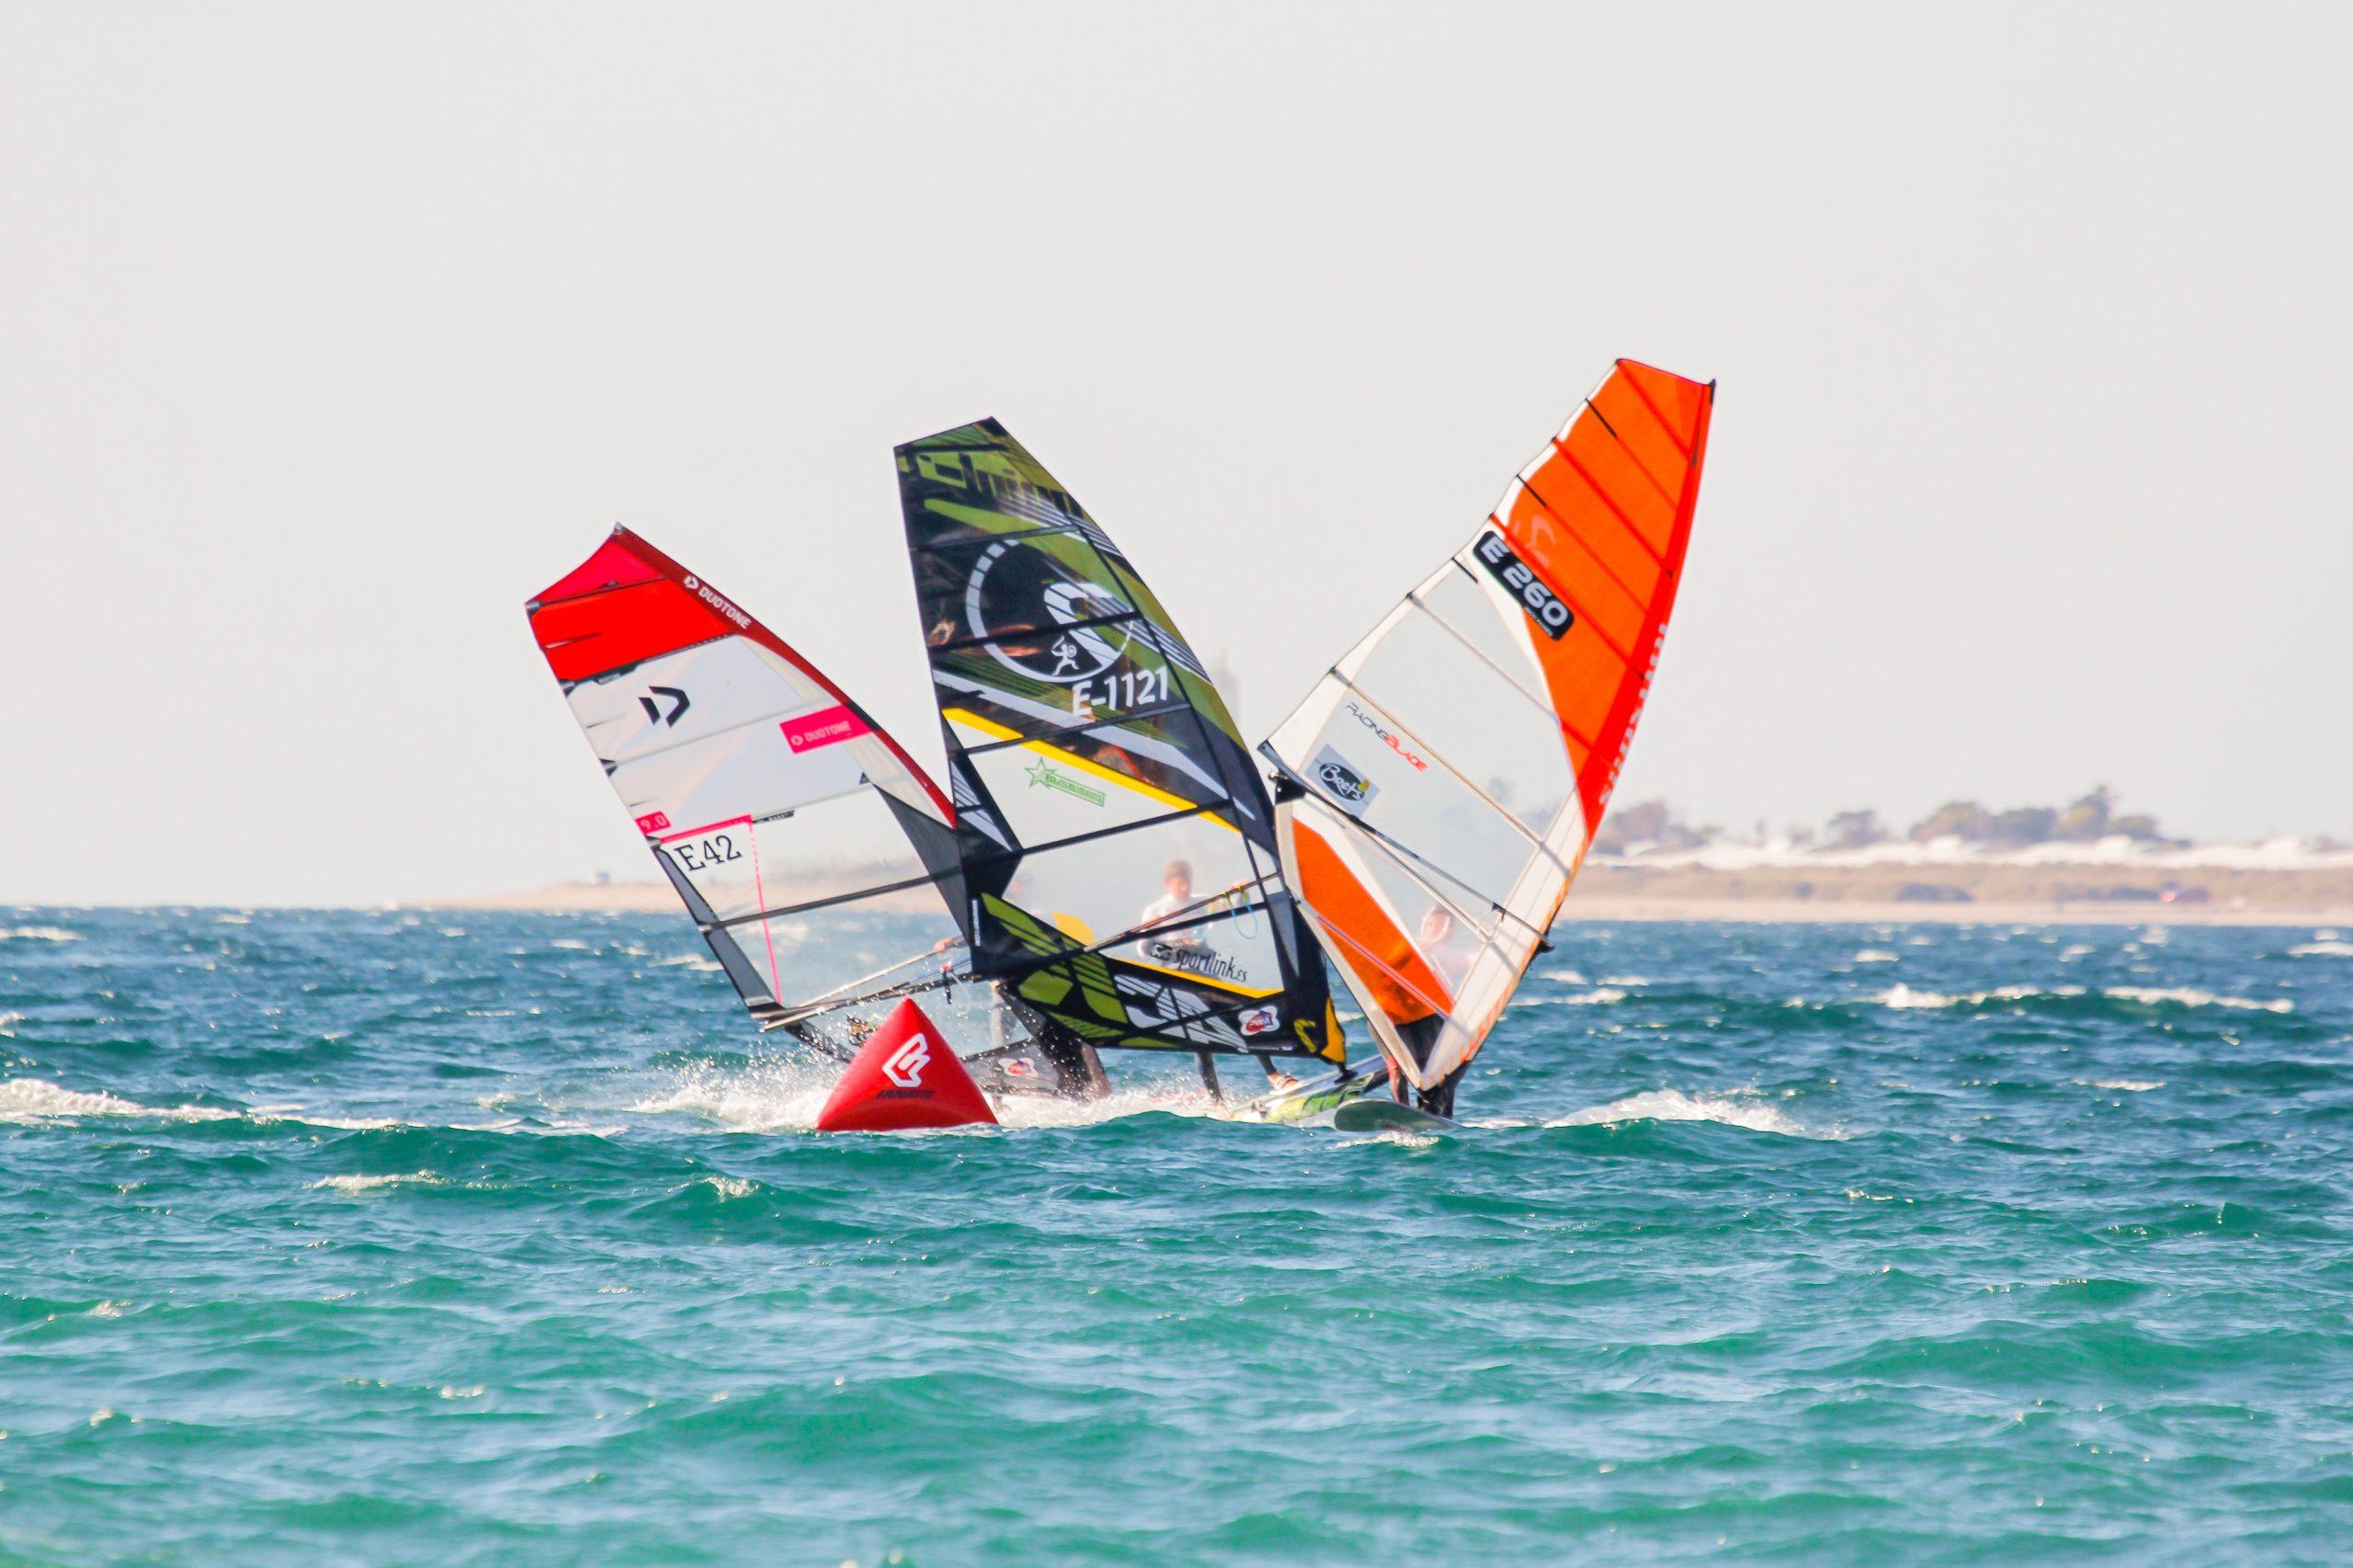 El mundial de windsurf junior PWA celebra su tercera edición en Almerimar